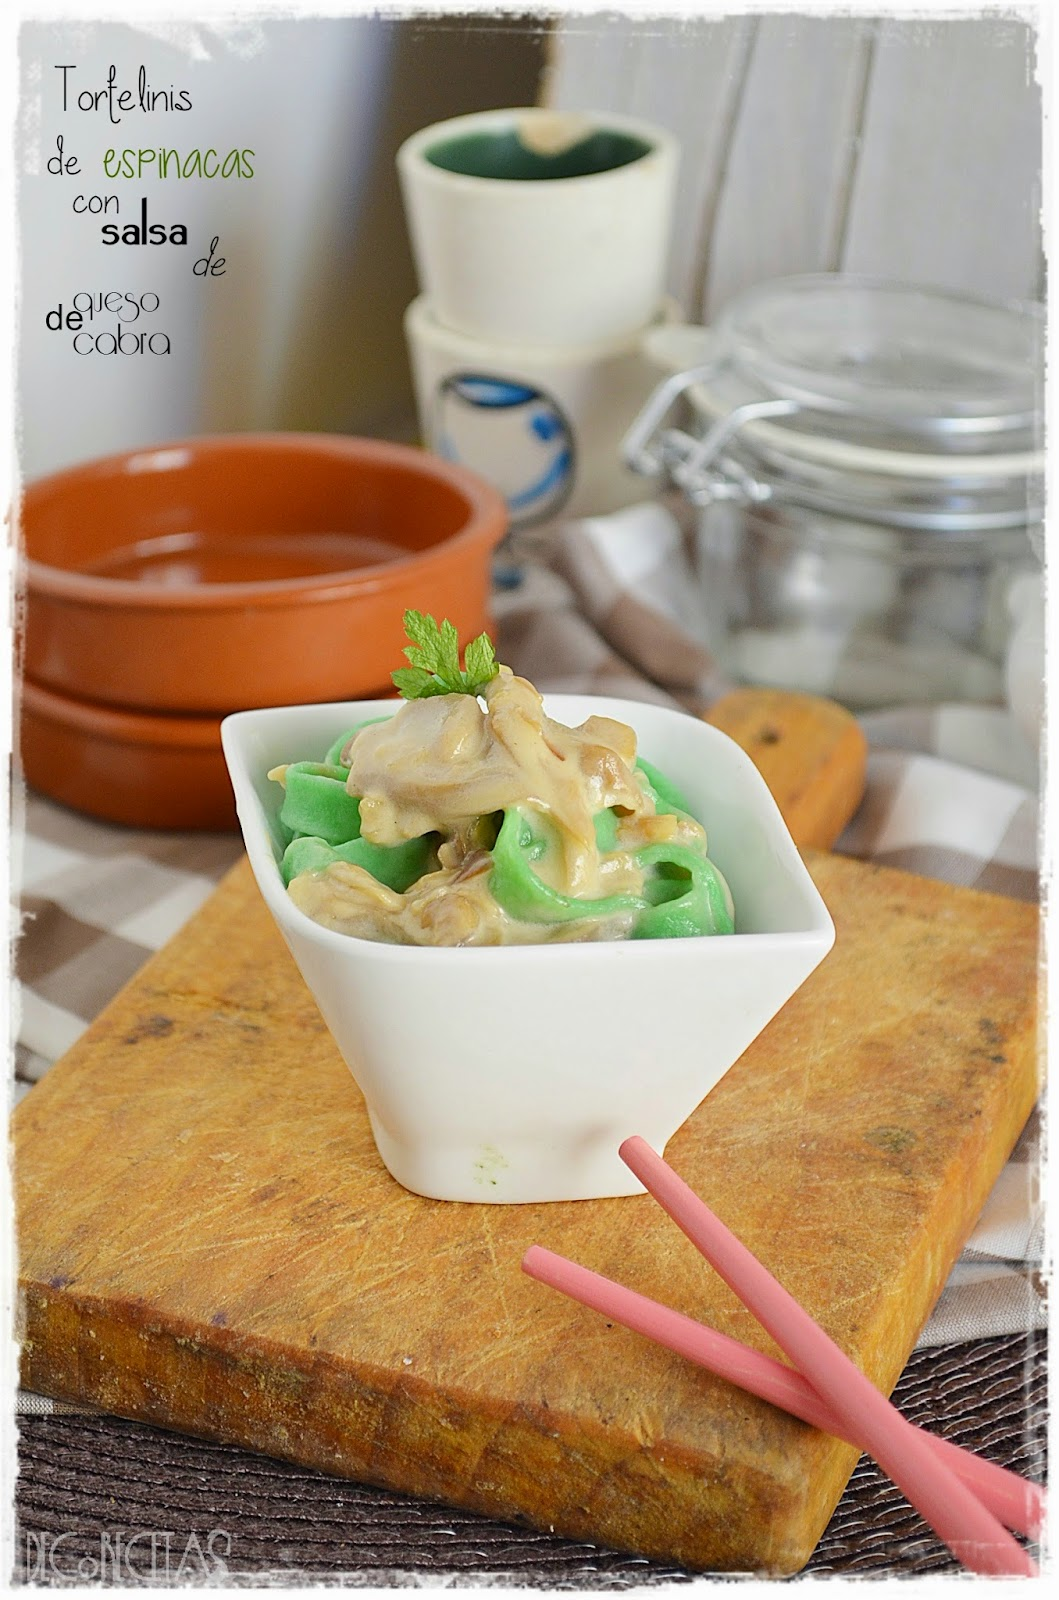 Tortelinis de espinacas con salsa de queso de cabra